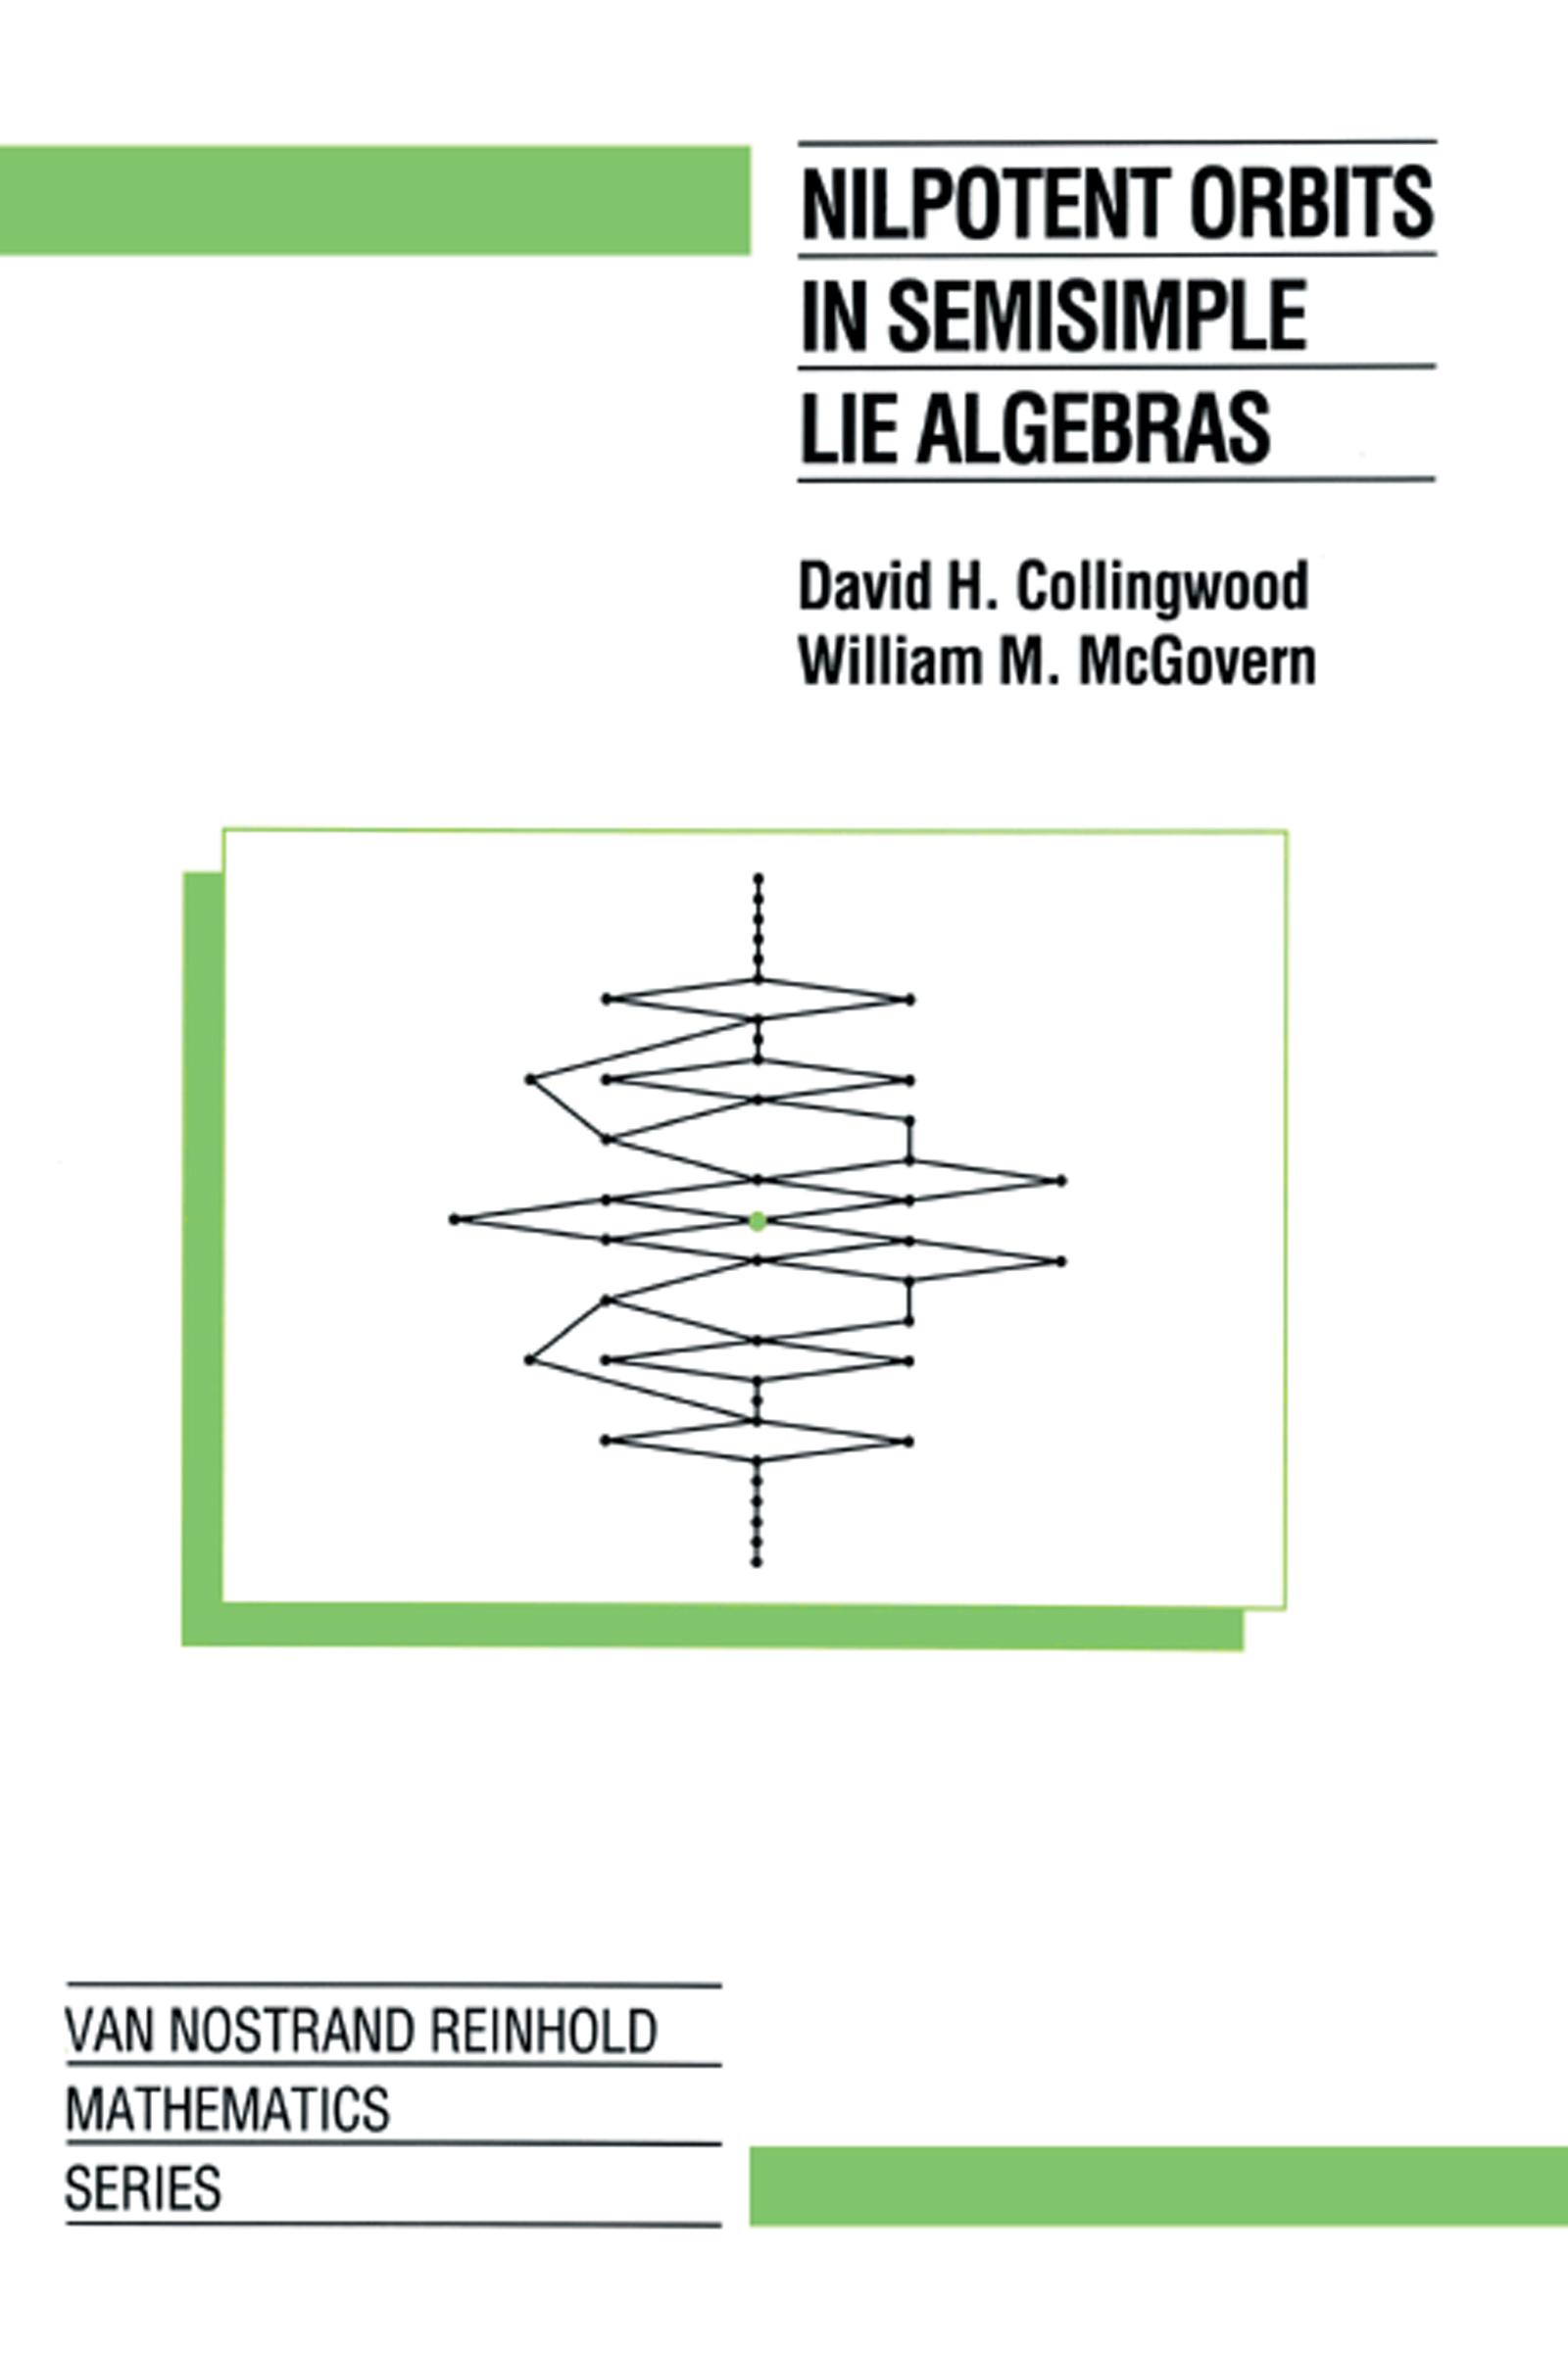 Nilpotent Orbits In Semisimple Lie Algebra